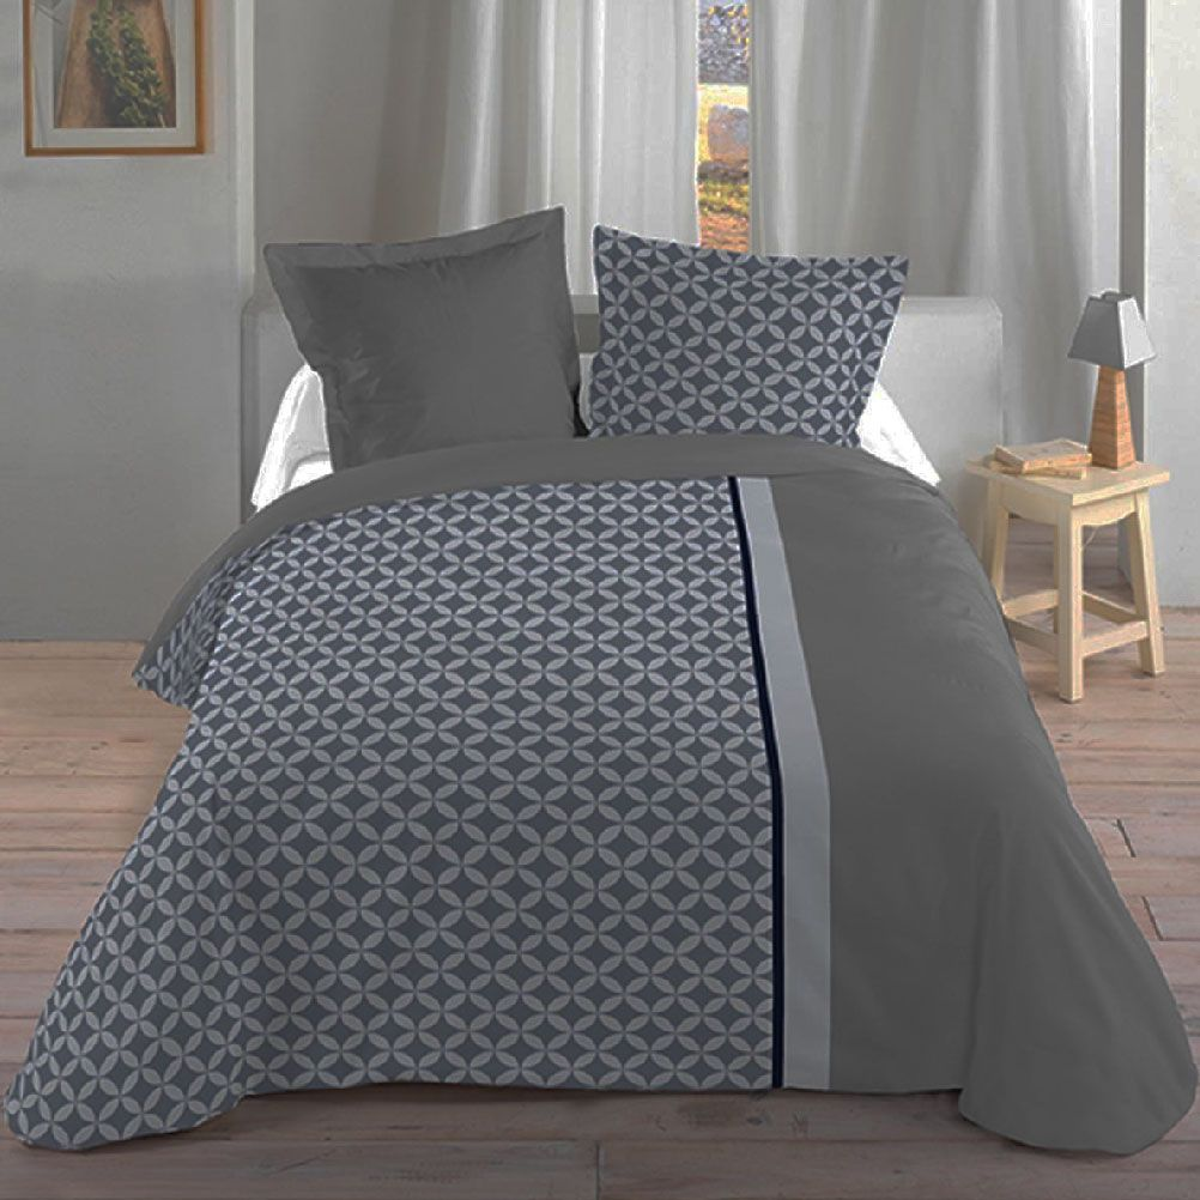 Housse de couette parure de lit housse de couette geoffrey for Housse de couette ou couvre lit